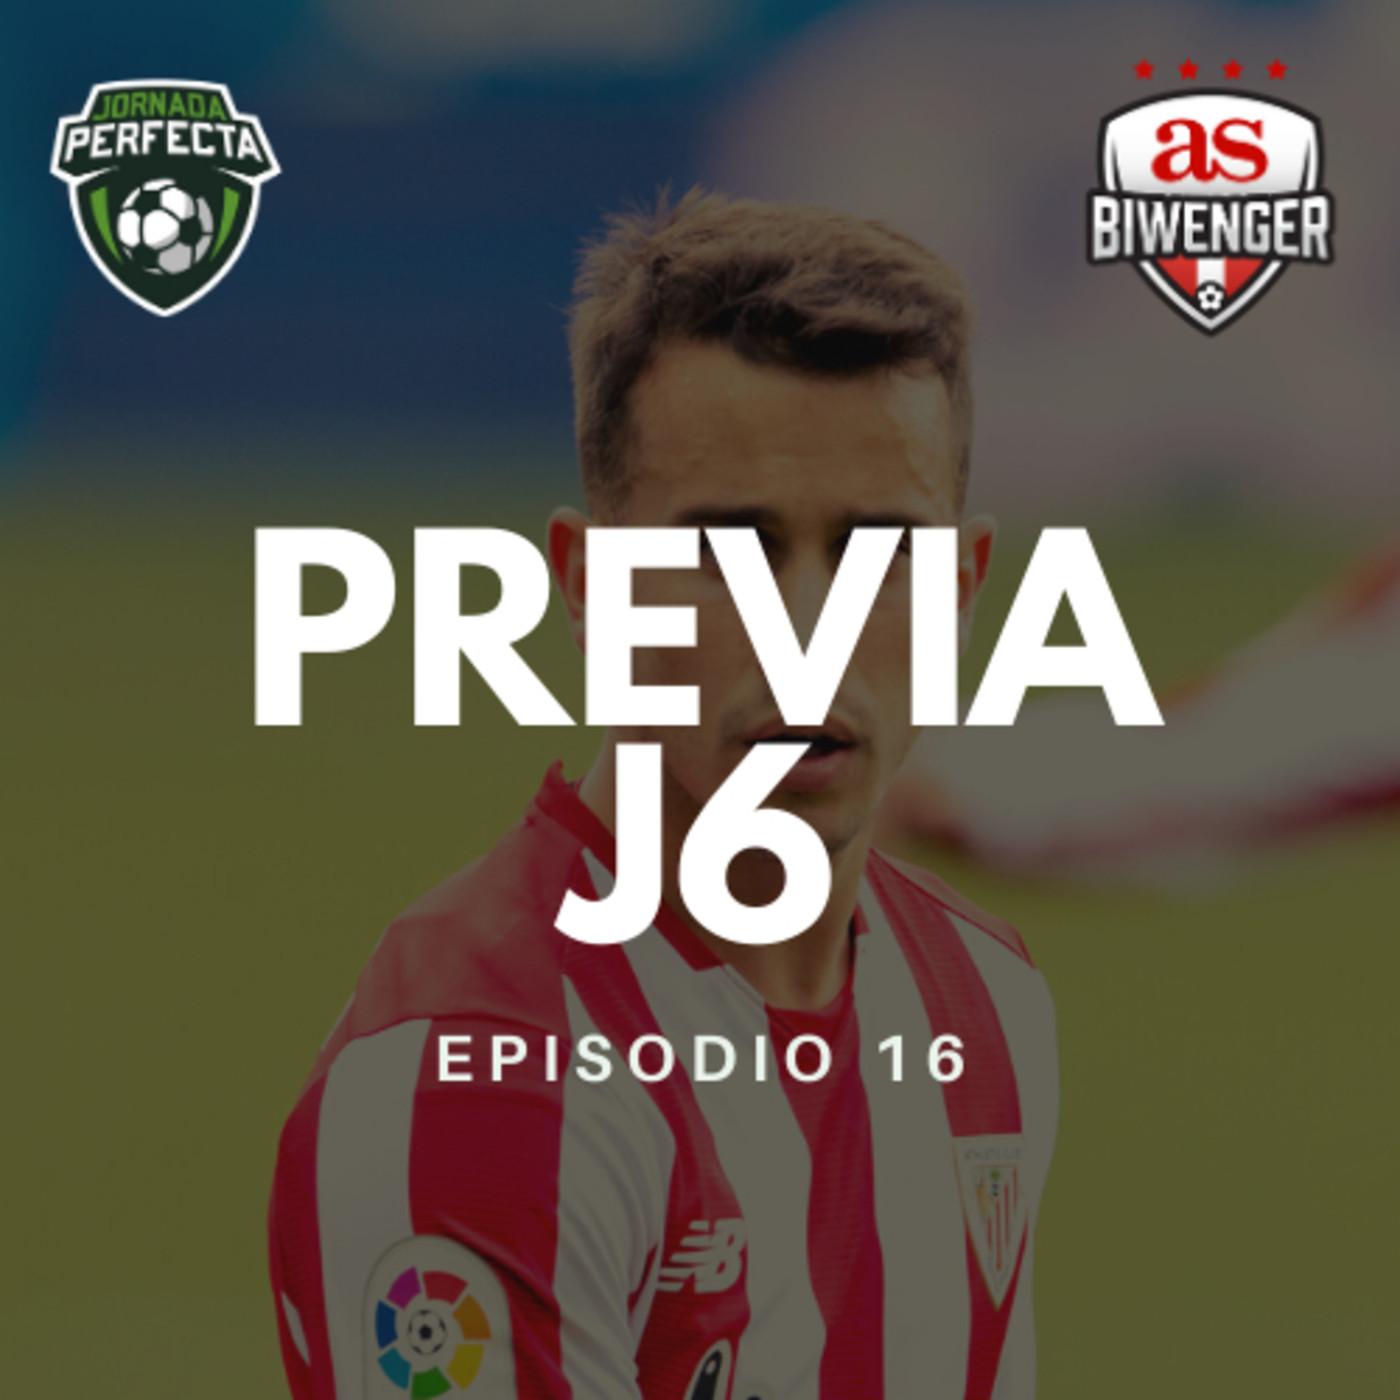 3x16 - LA PREVIA BIWENGER DE LA JORNADA 6